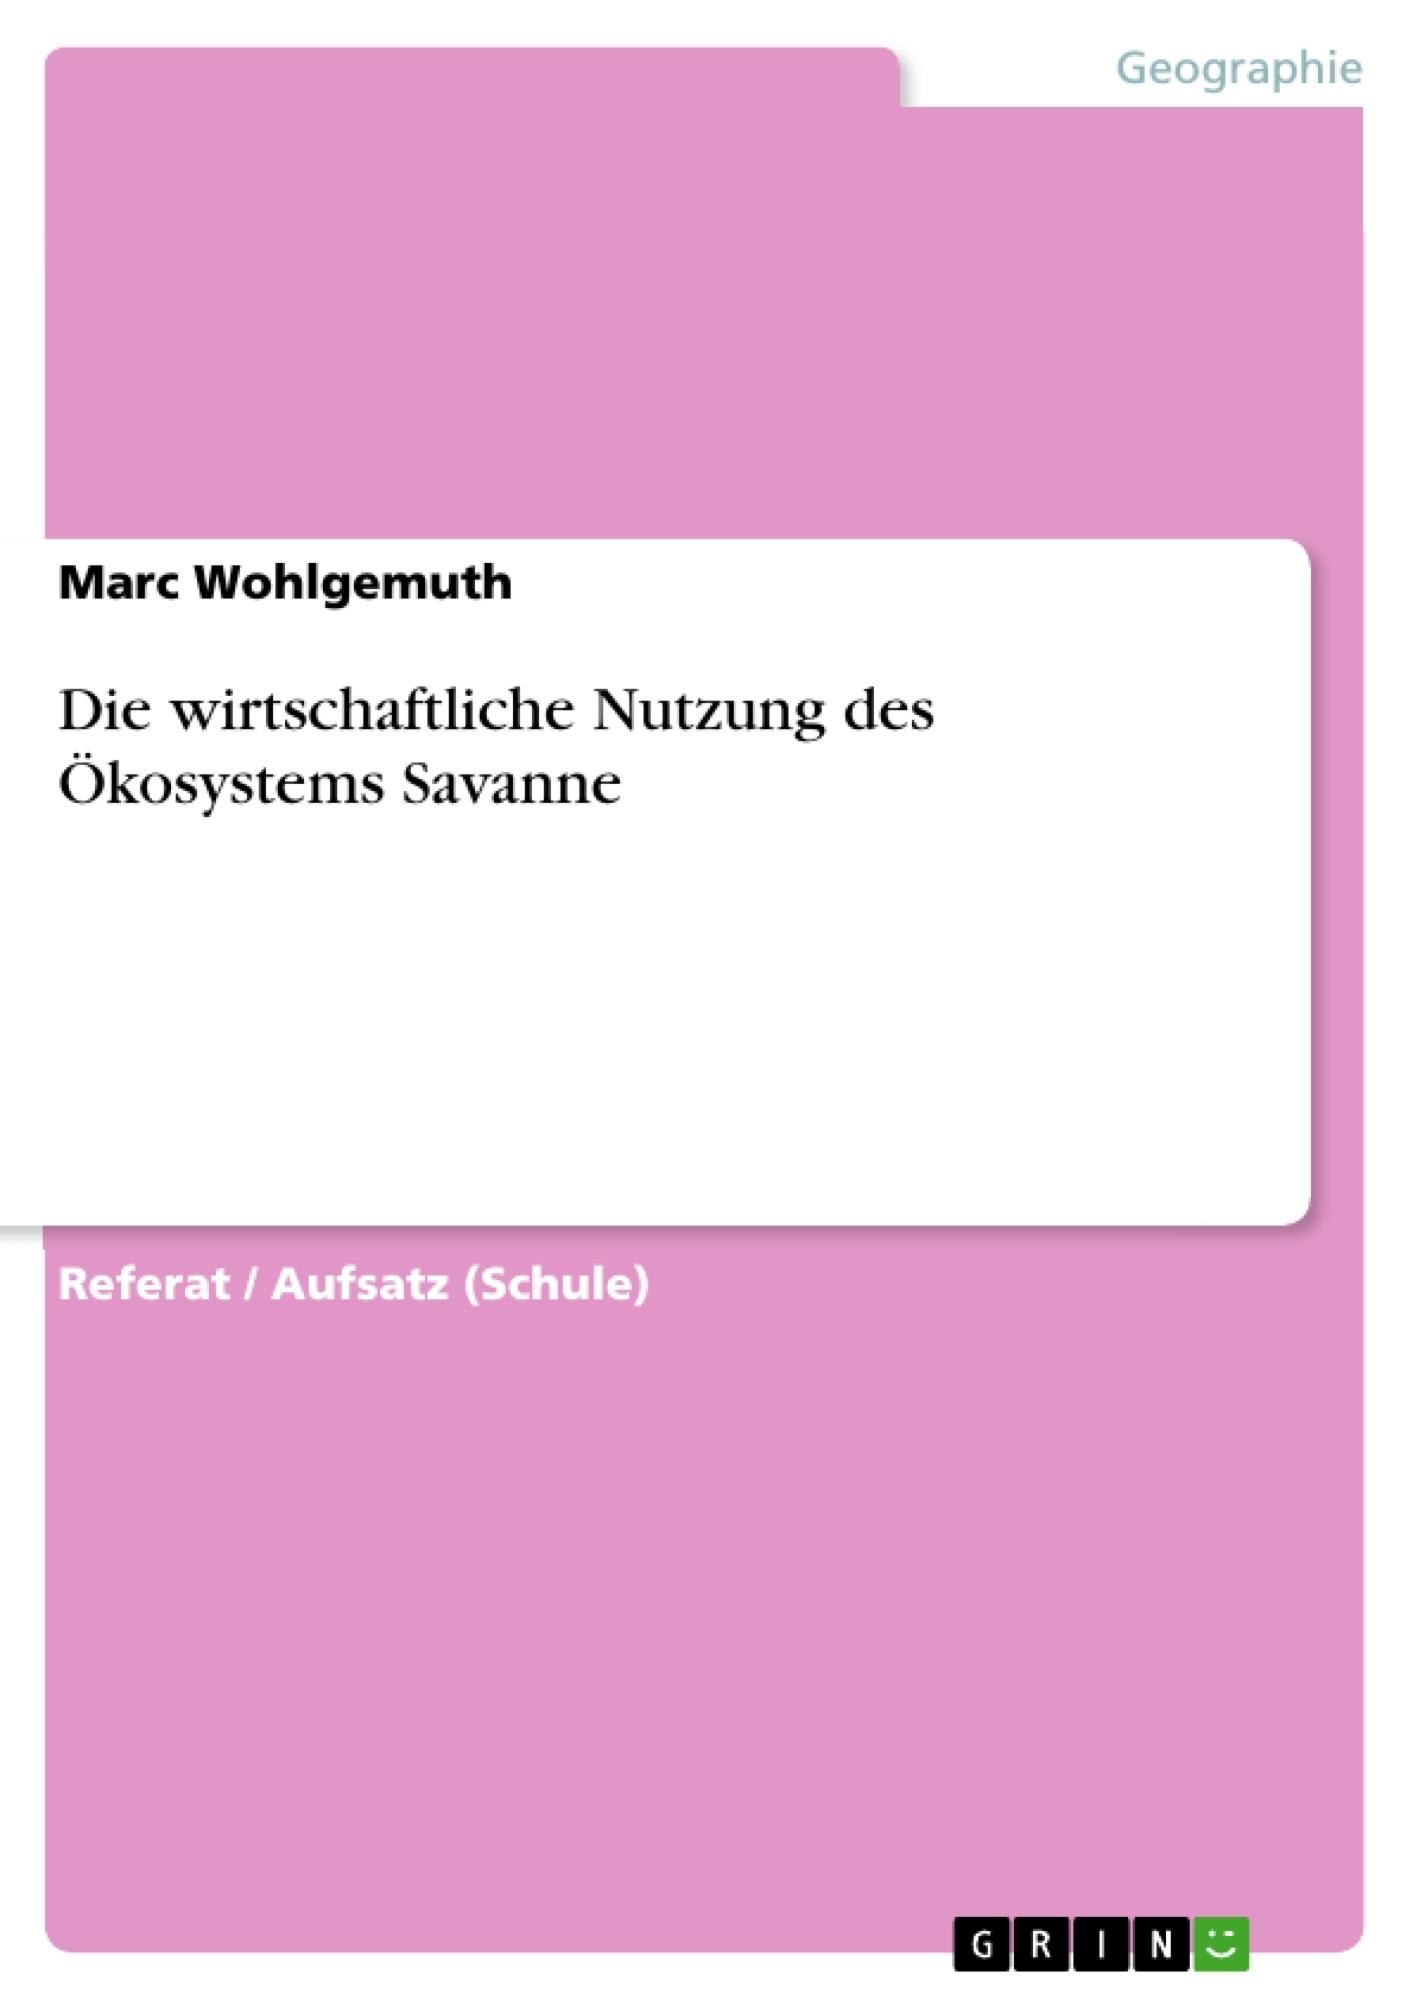 Titel: Die wirtschaftliche Nutzung des Ökosystems Savanne